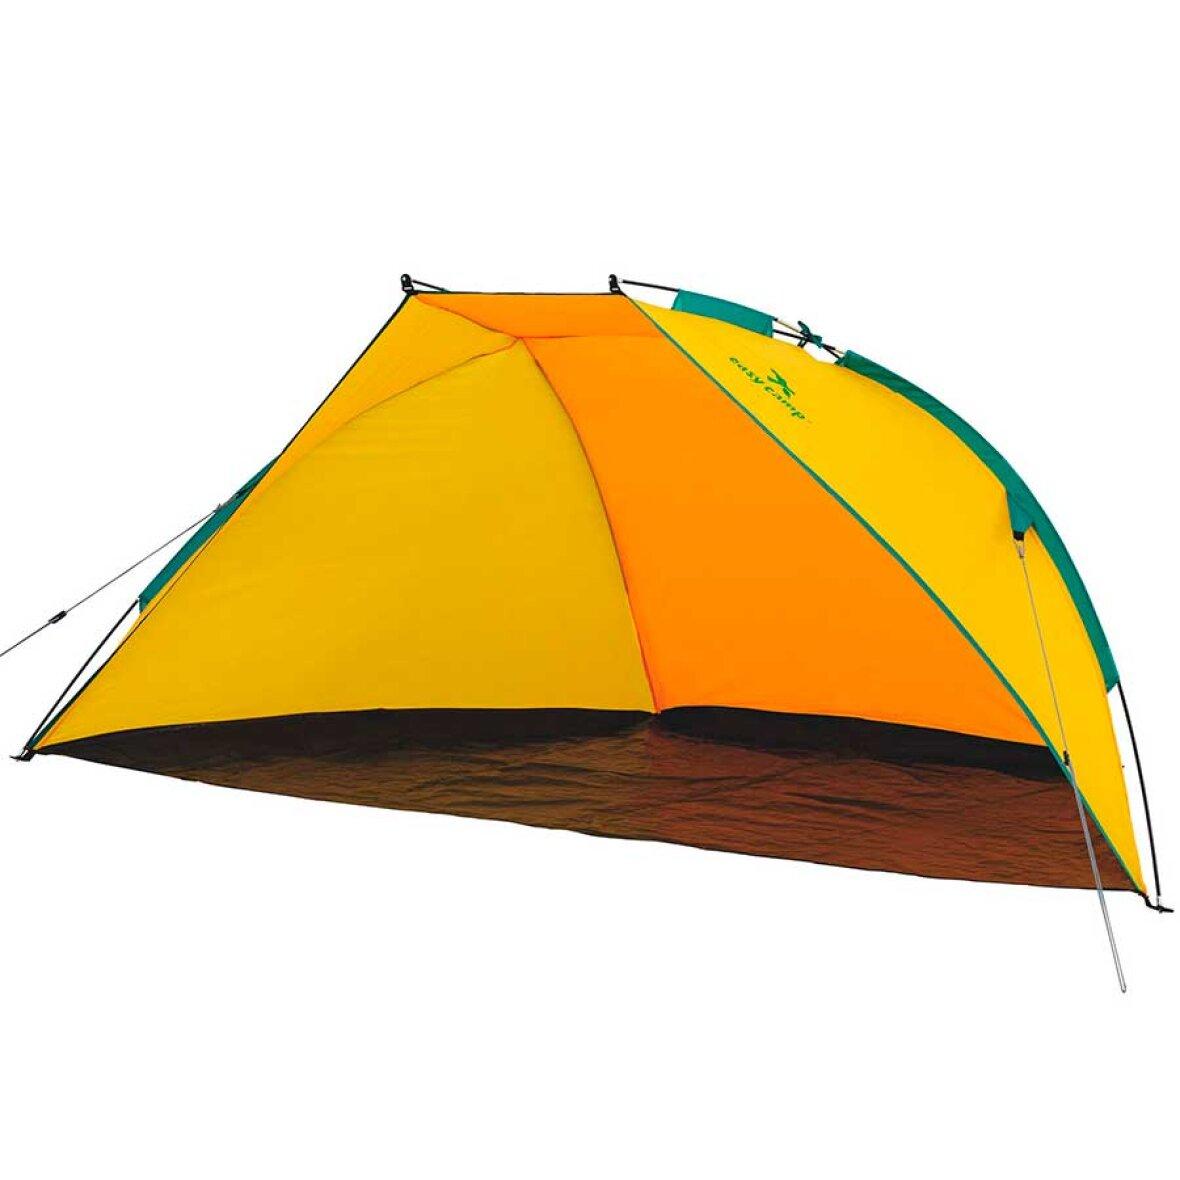 Vind telt til stranden eller haven Køb strandtelt her